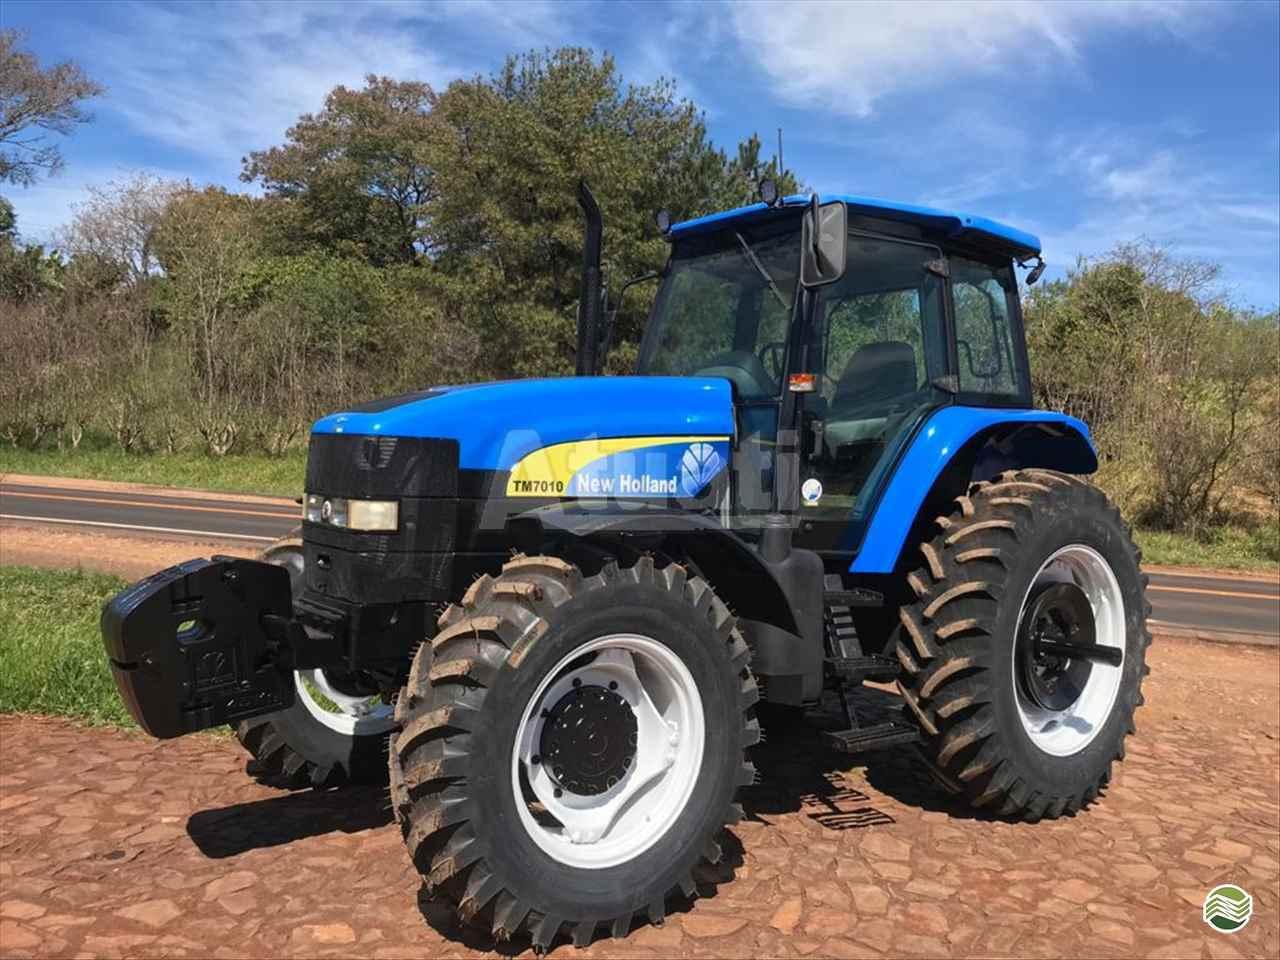 NEW TM 7010 de Atuati Máquinas - SAO MARTINHO/RS